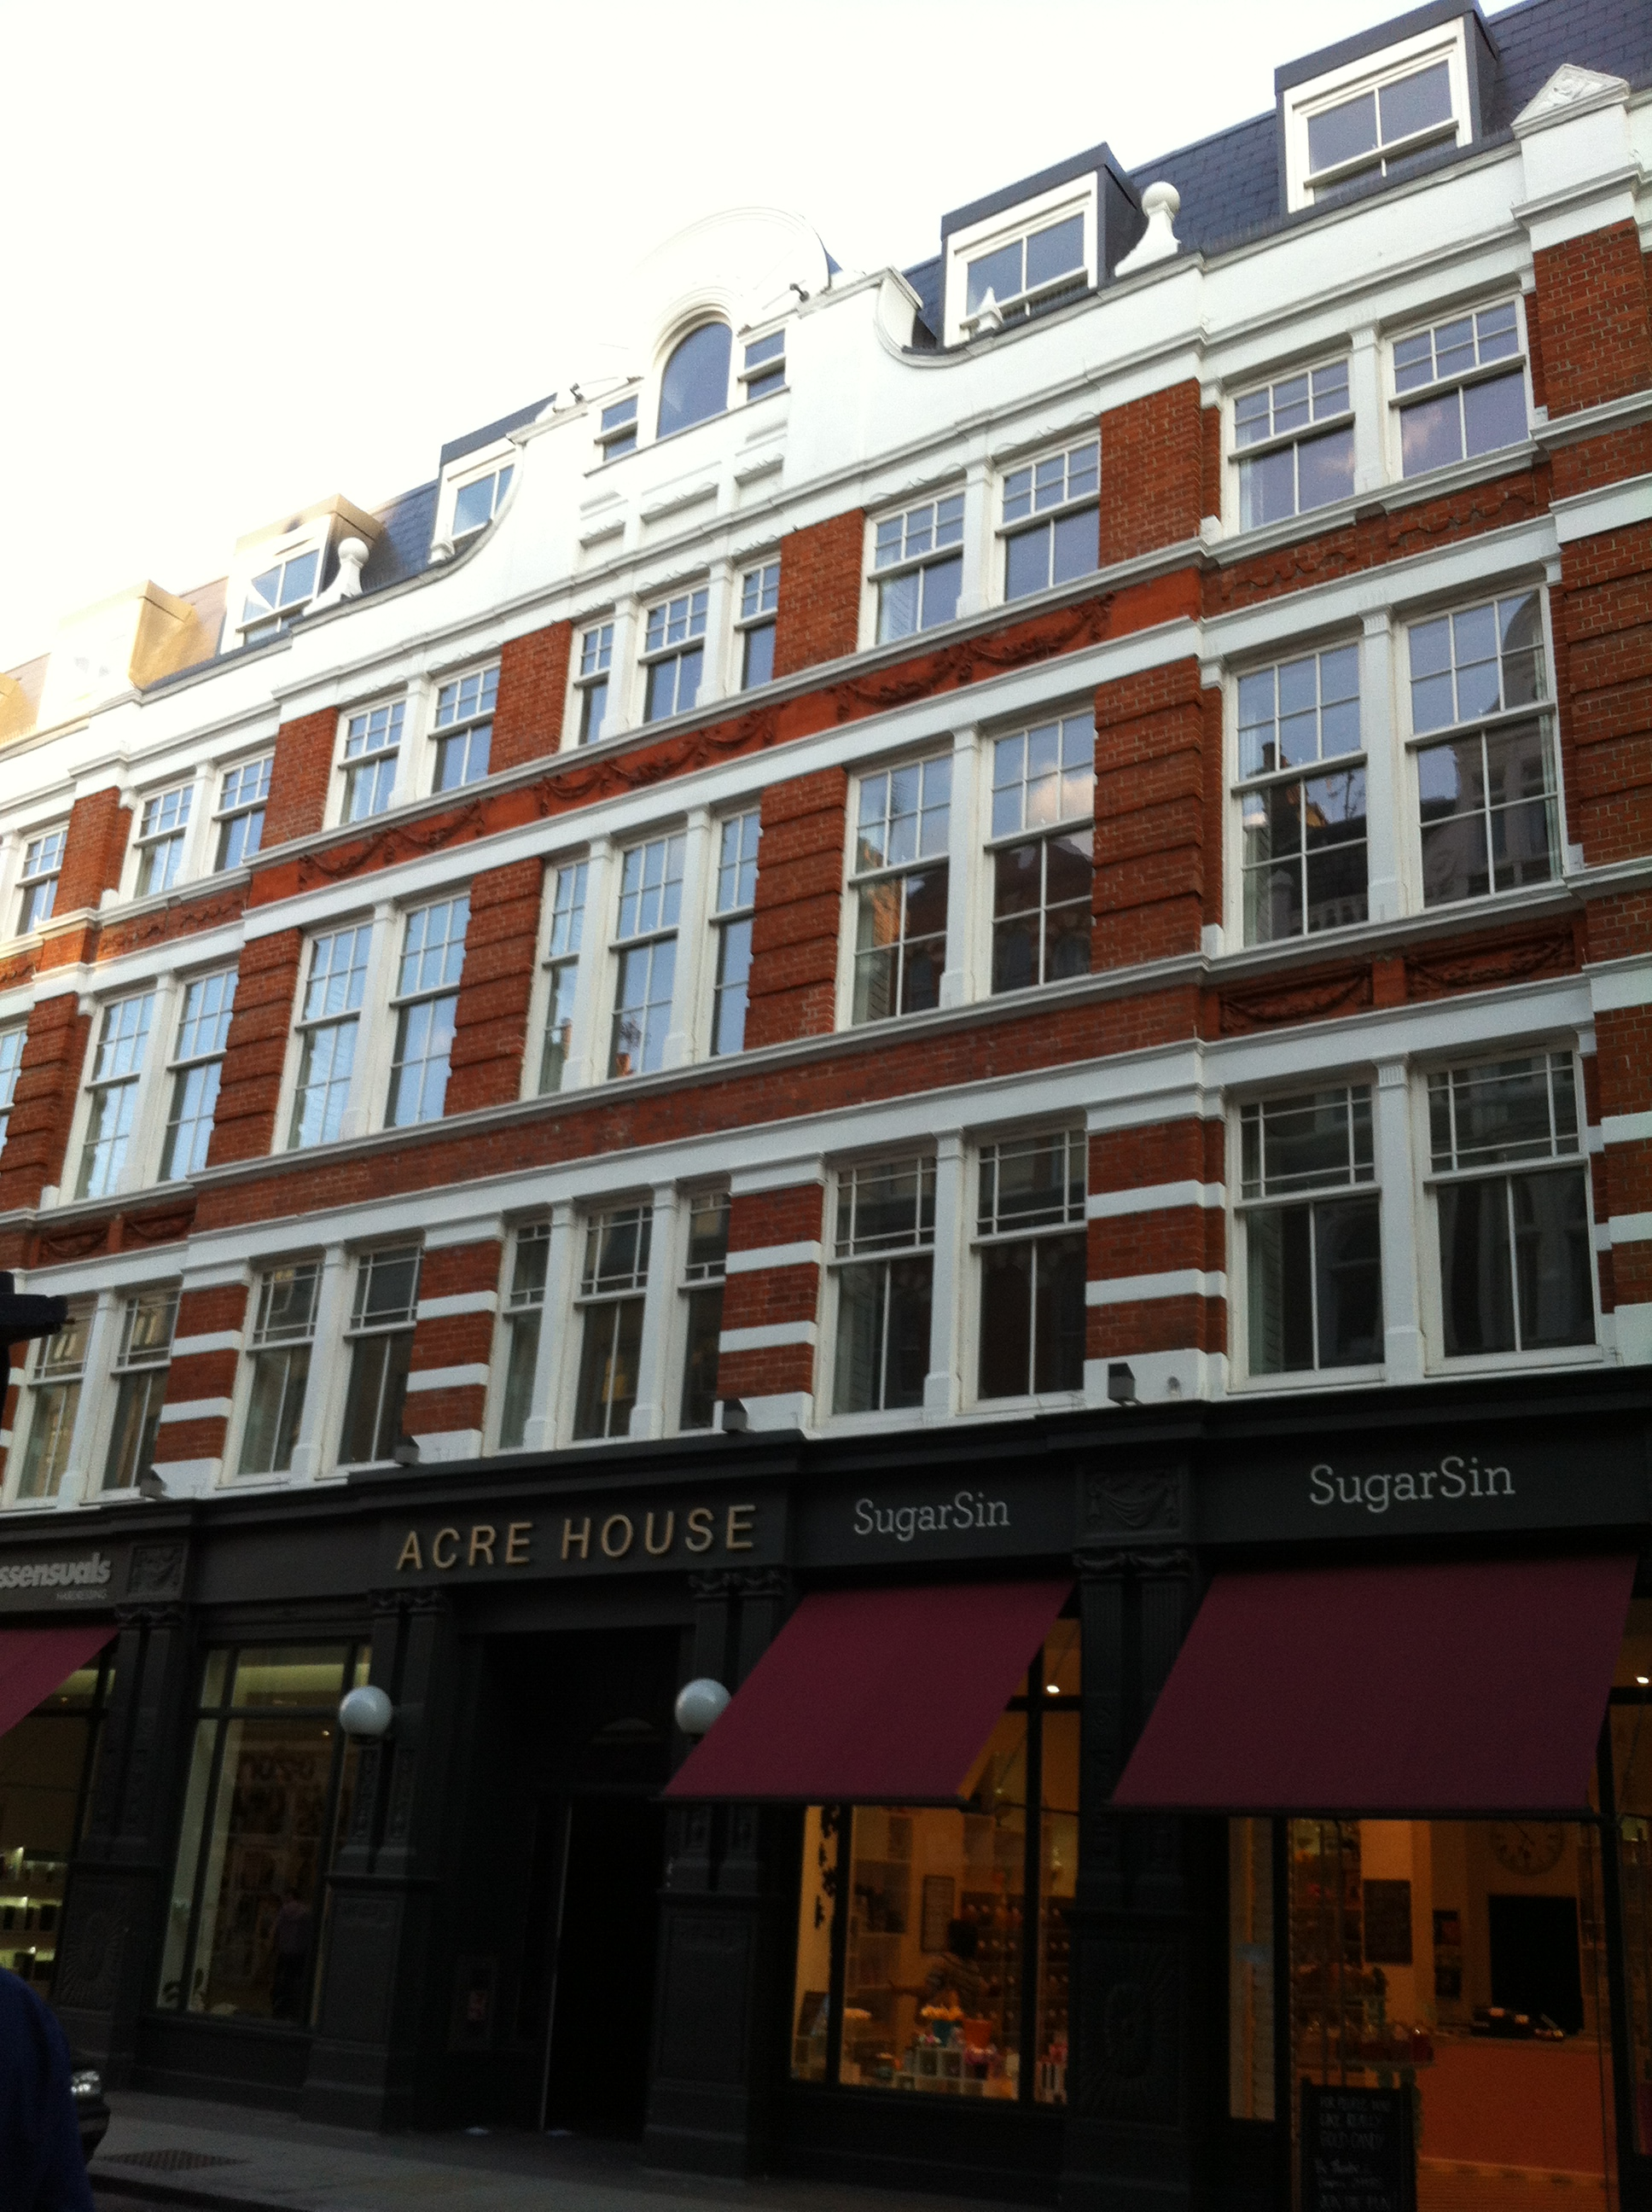 Acre+House,+Long+Acre,+London